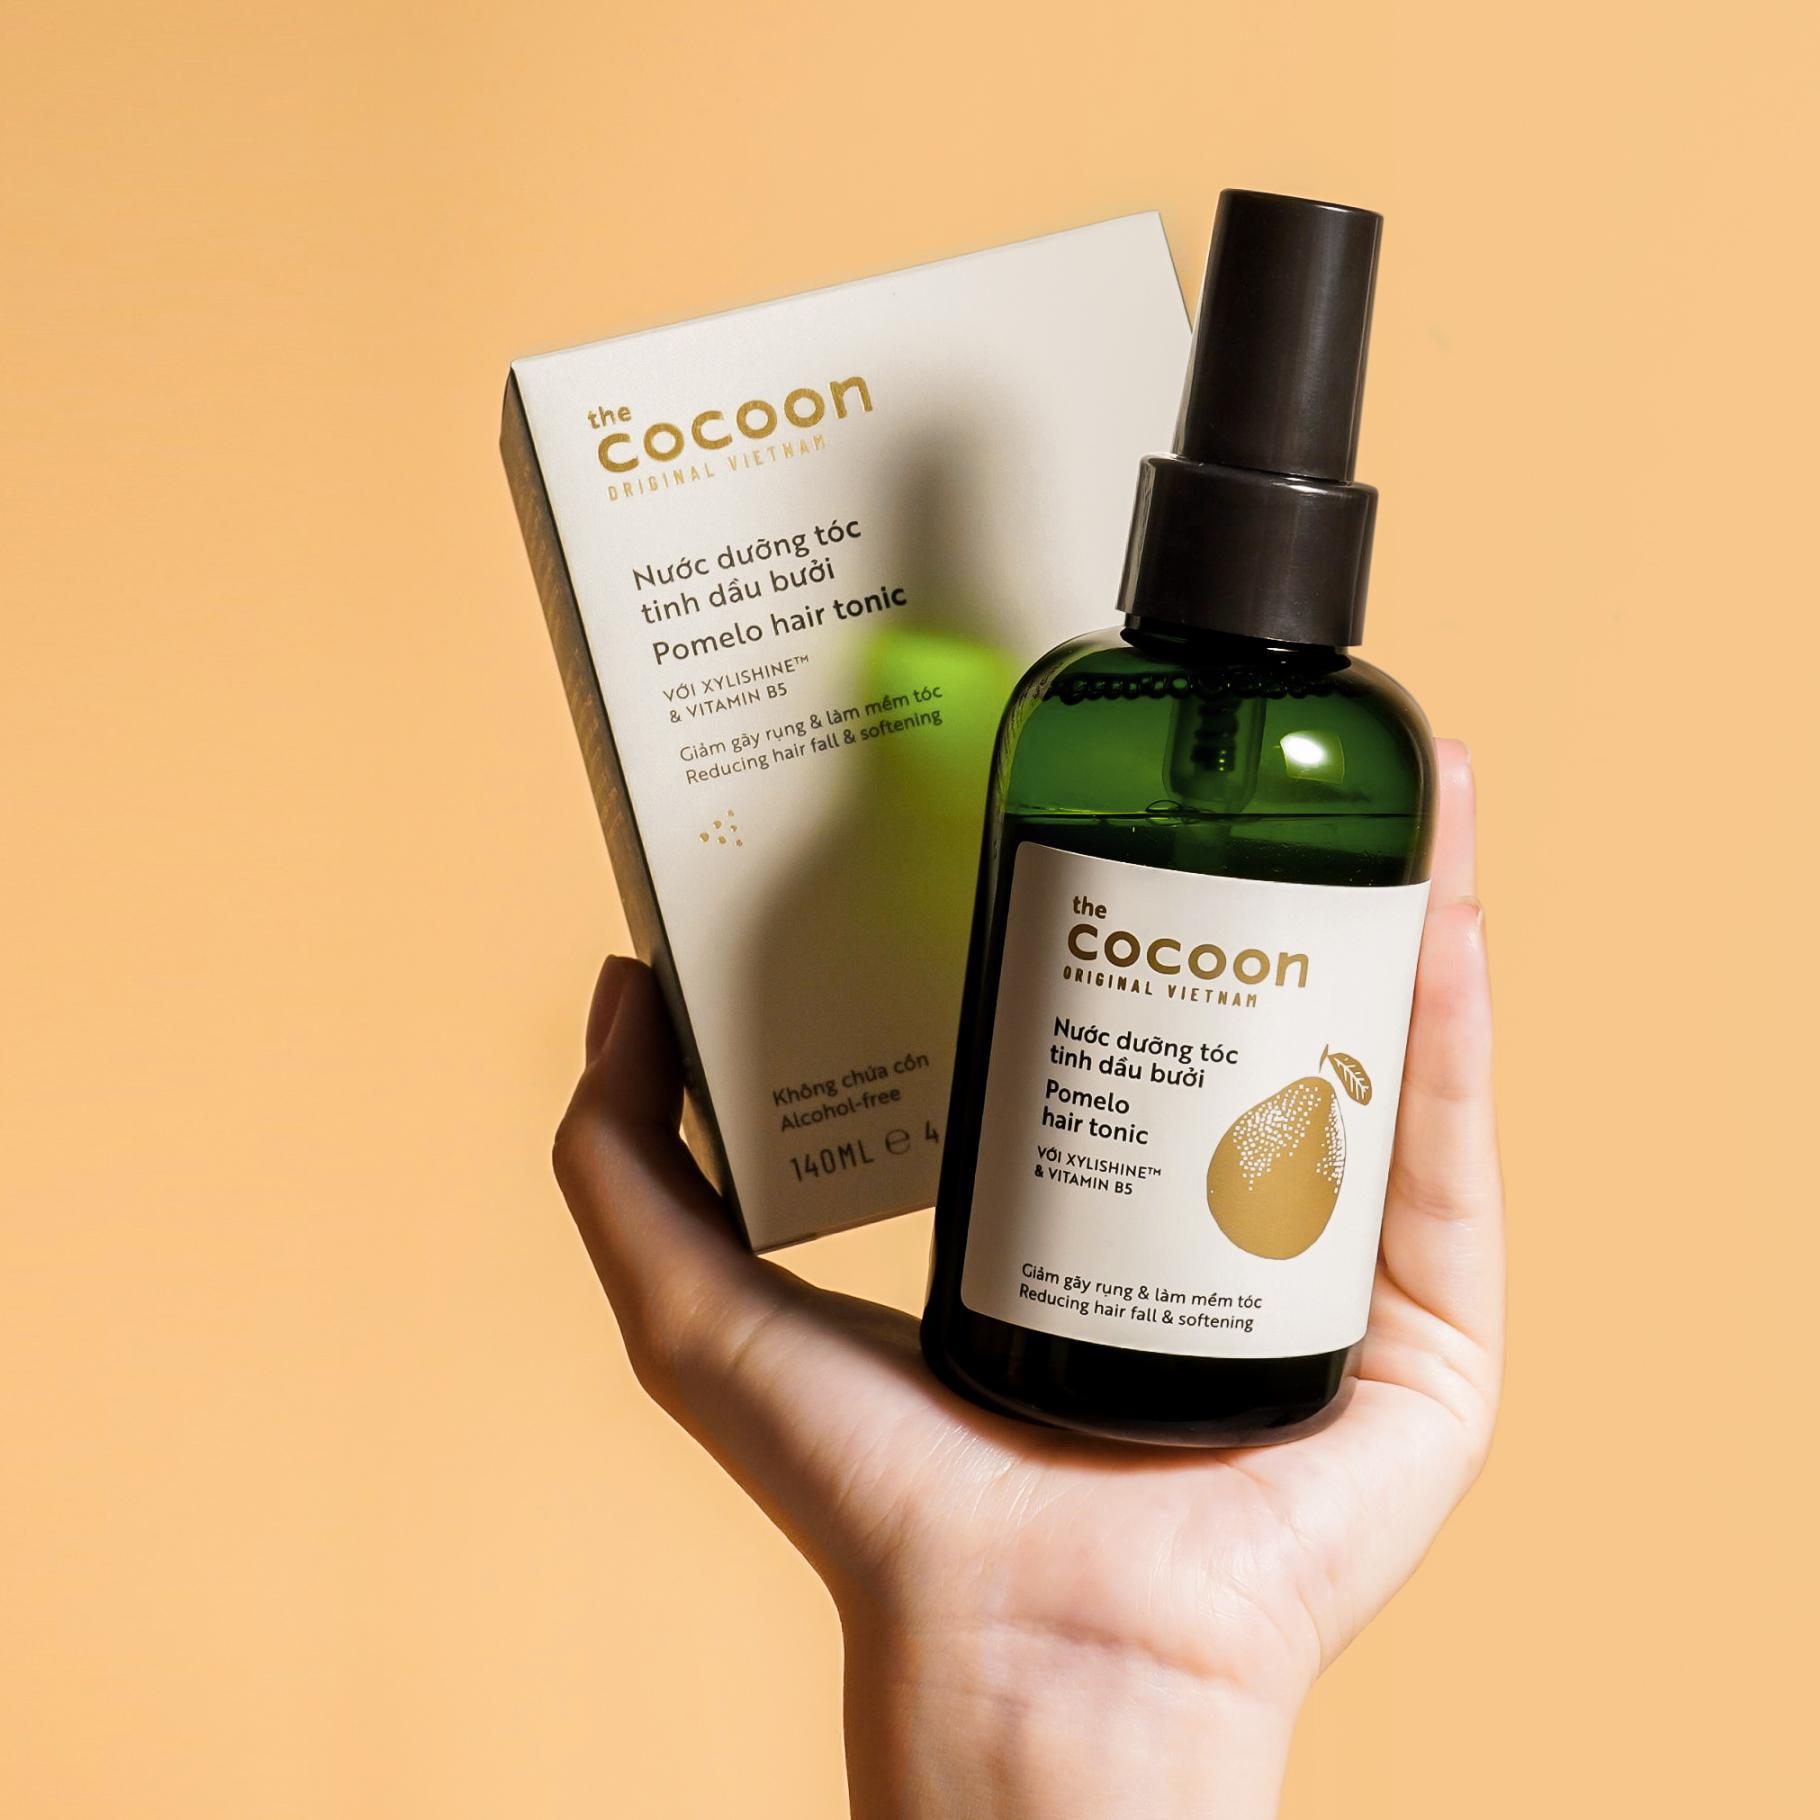 Cocoon – Tiên phong xu hướng mỹ phẩm thuần chay tại Việt Nam - Ảnh 9.